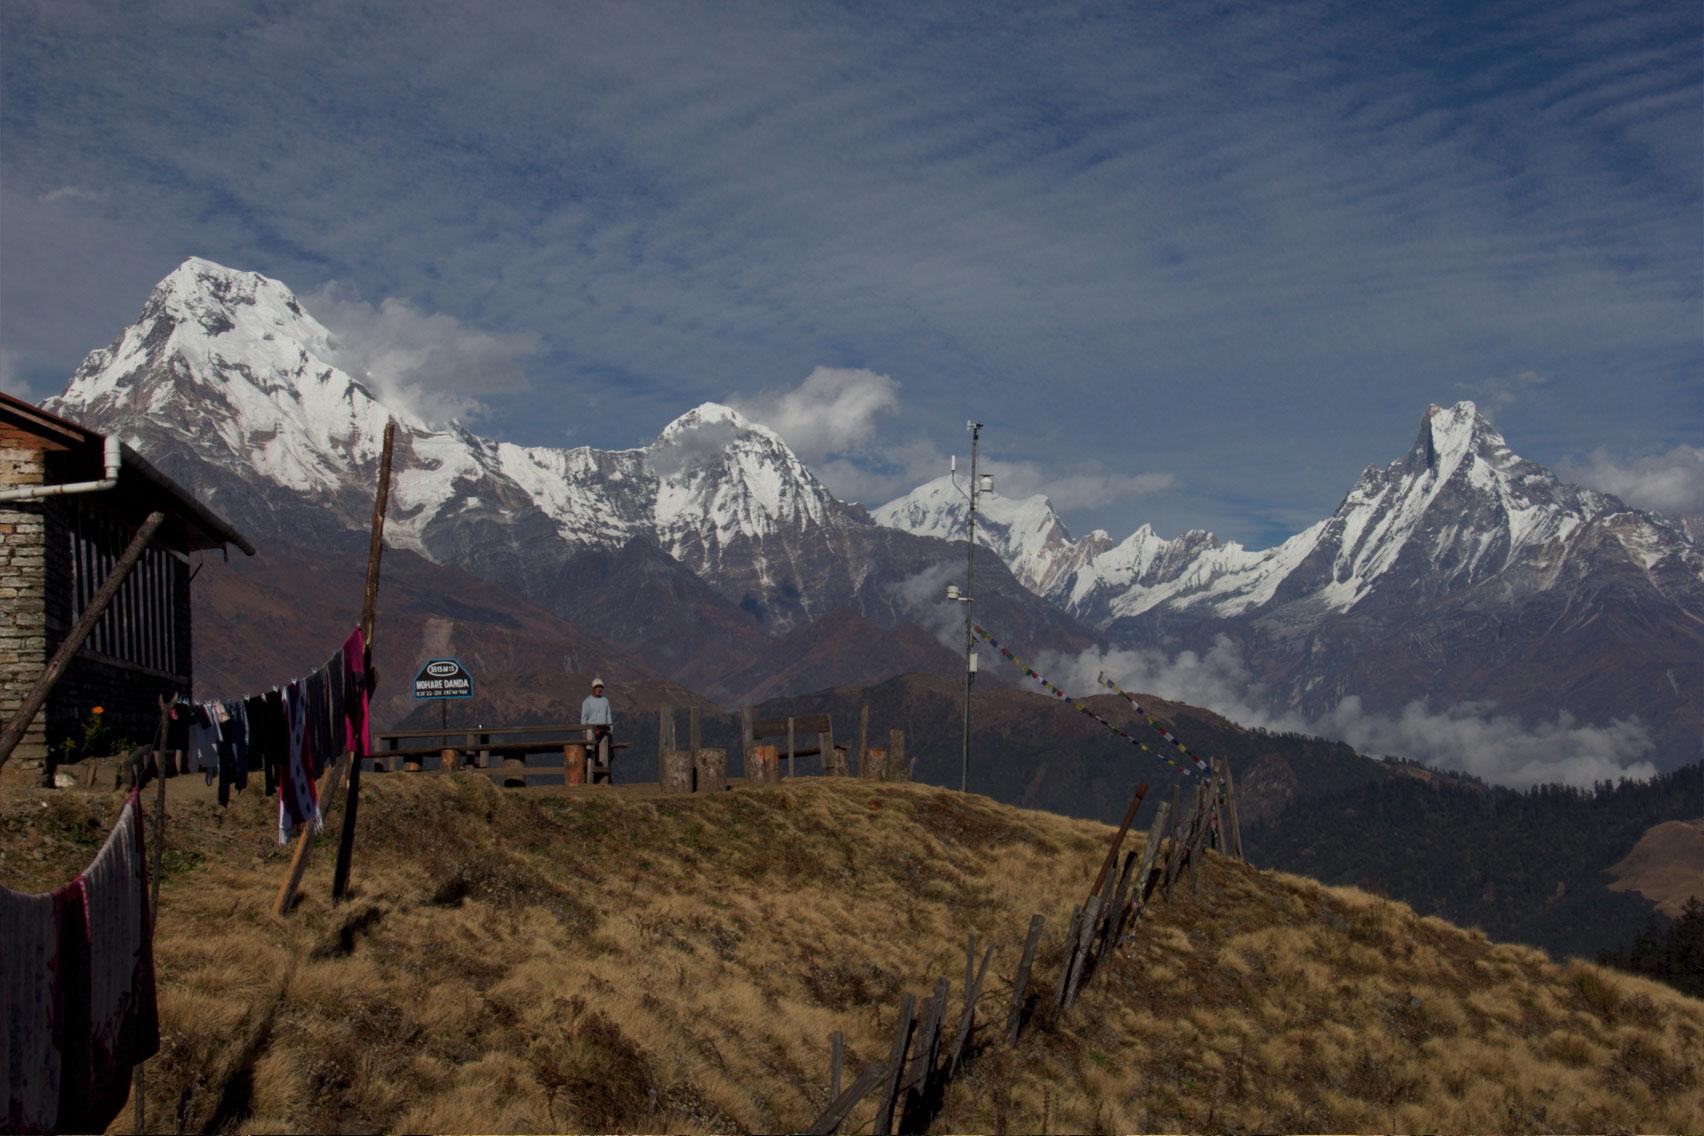 Day 5: Trek from Nagi (2320m) to Mohare Danda (6hrs, 3300m)